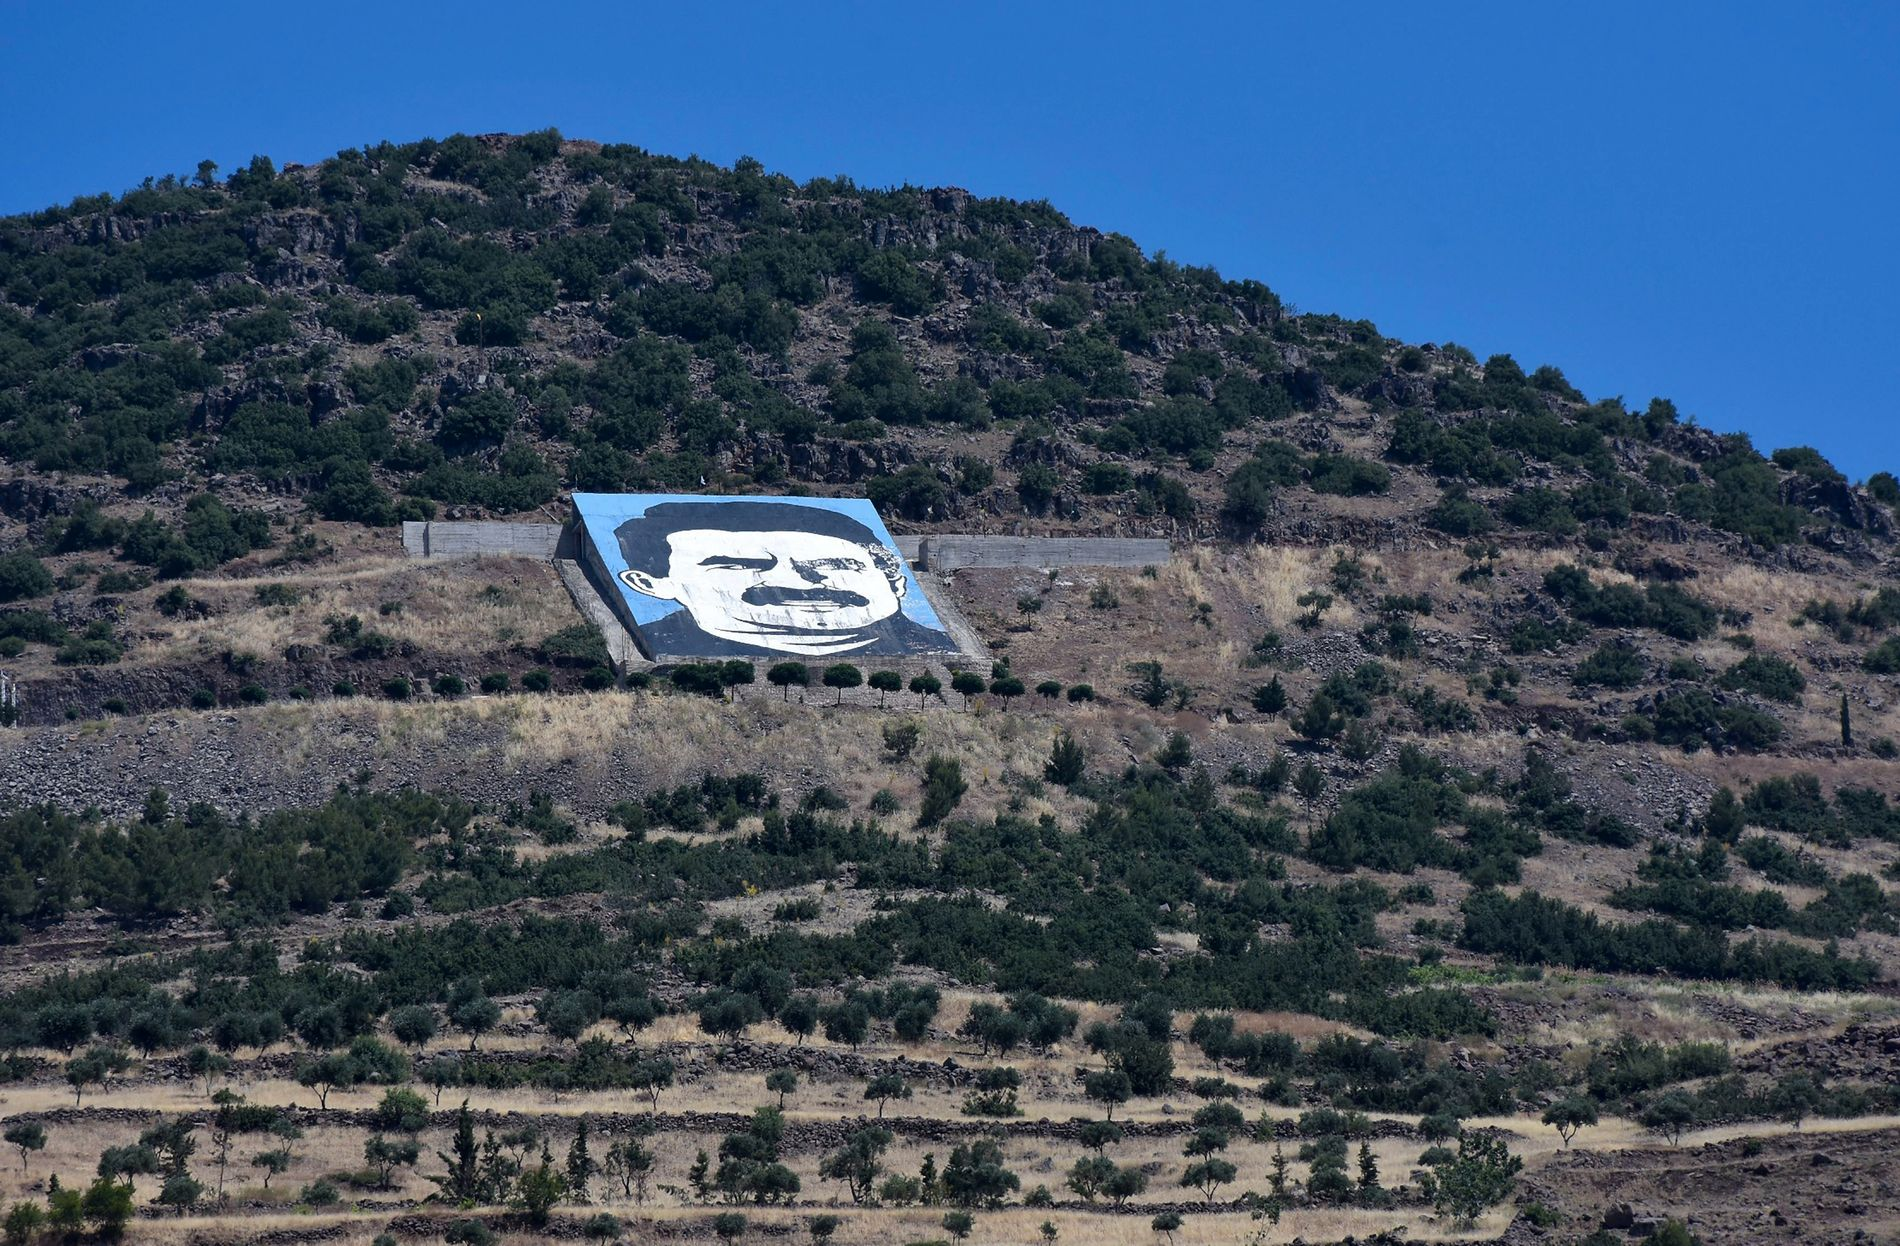 TYRKIAS FIENDE: På åskammen i grensebyen Afrin er et portrett av PKK-lederen Abdullah Öcalan, som siden 1999 har sittet fengslet på en øy i den tyrkiske Marmarasjøen.